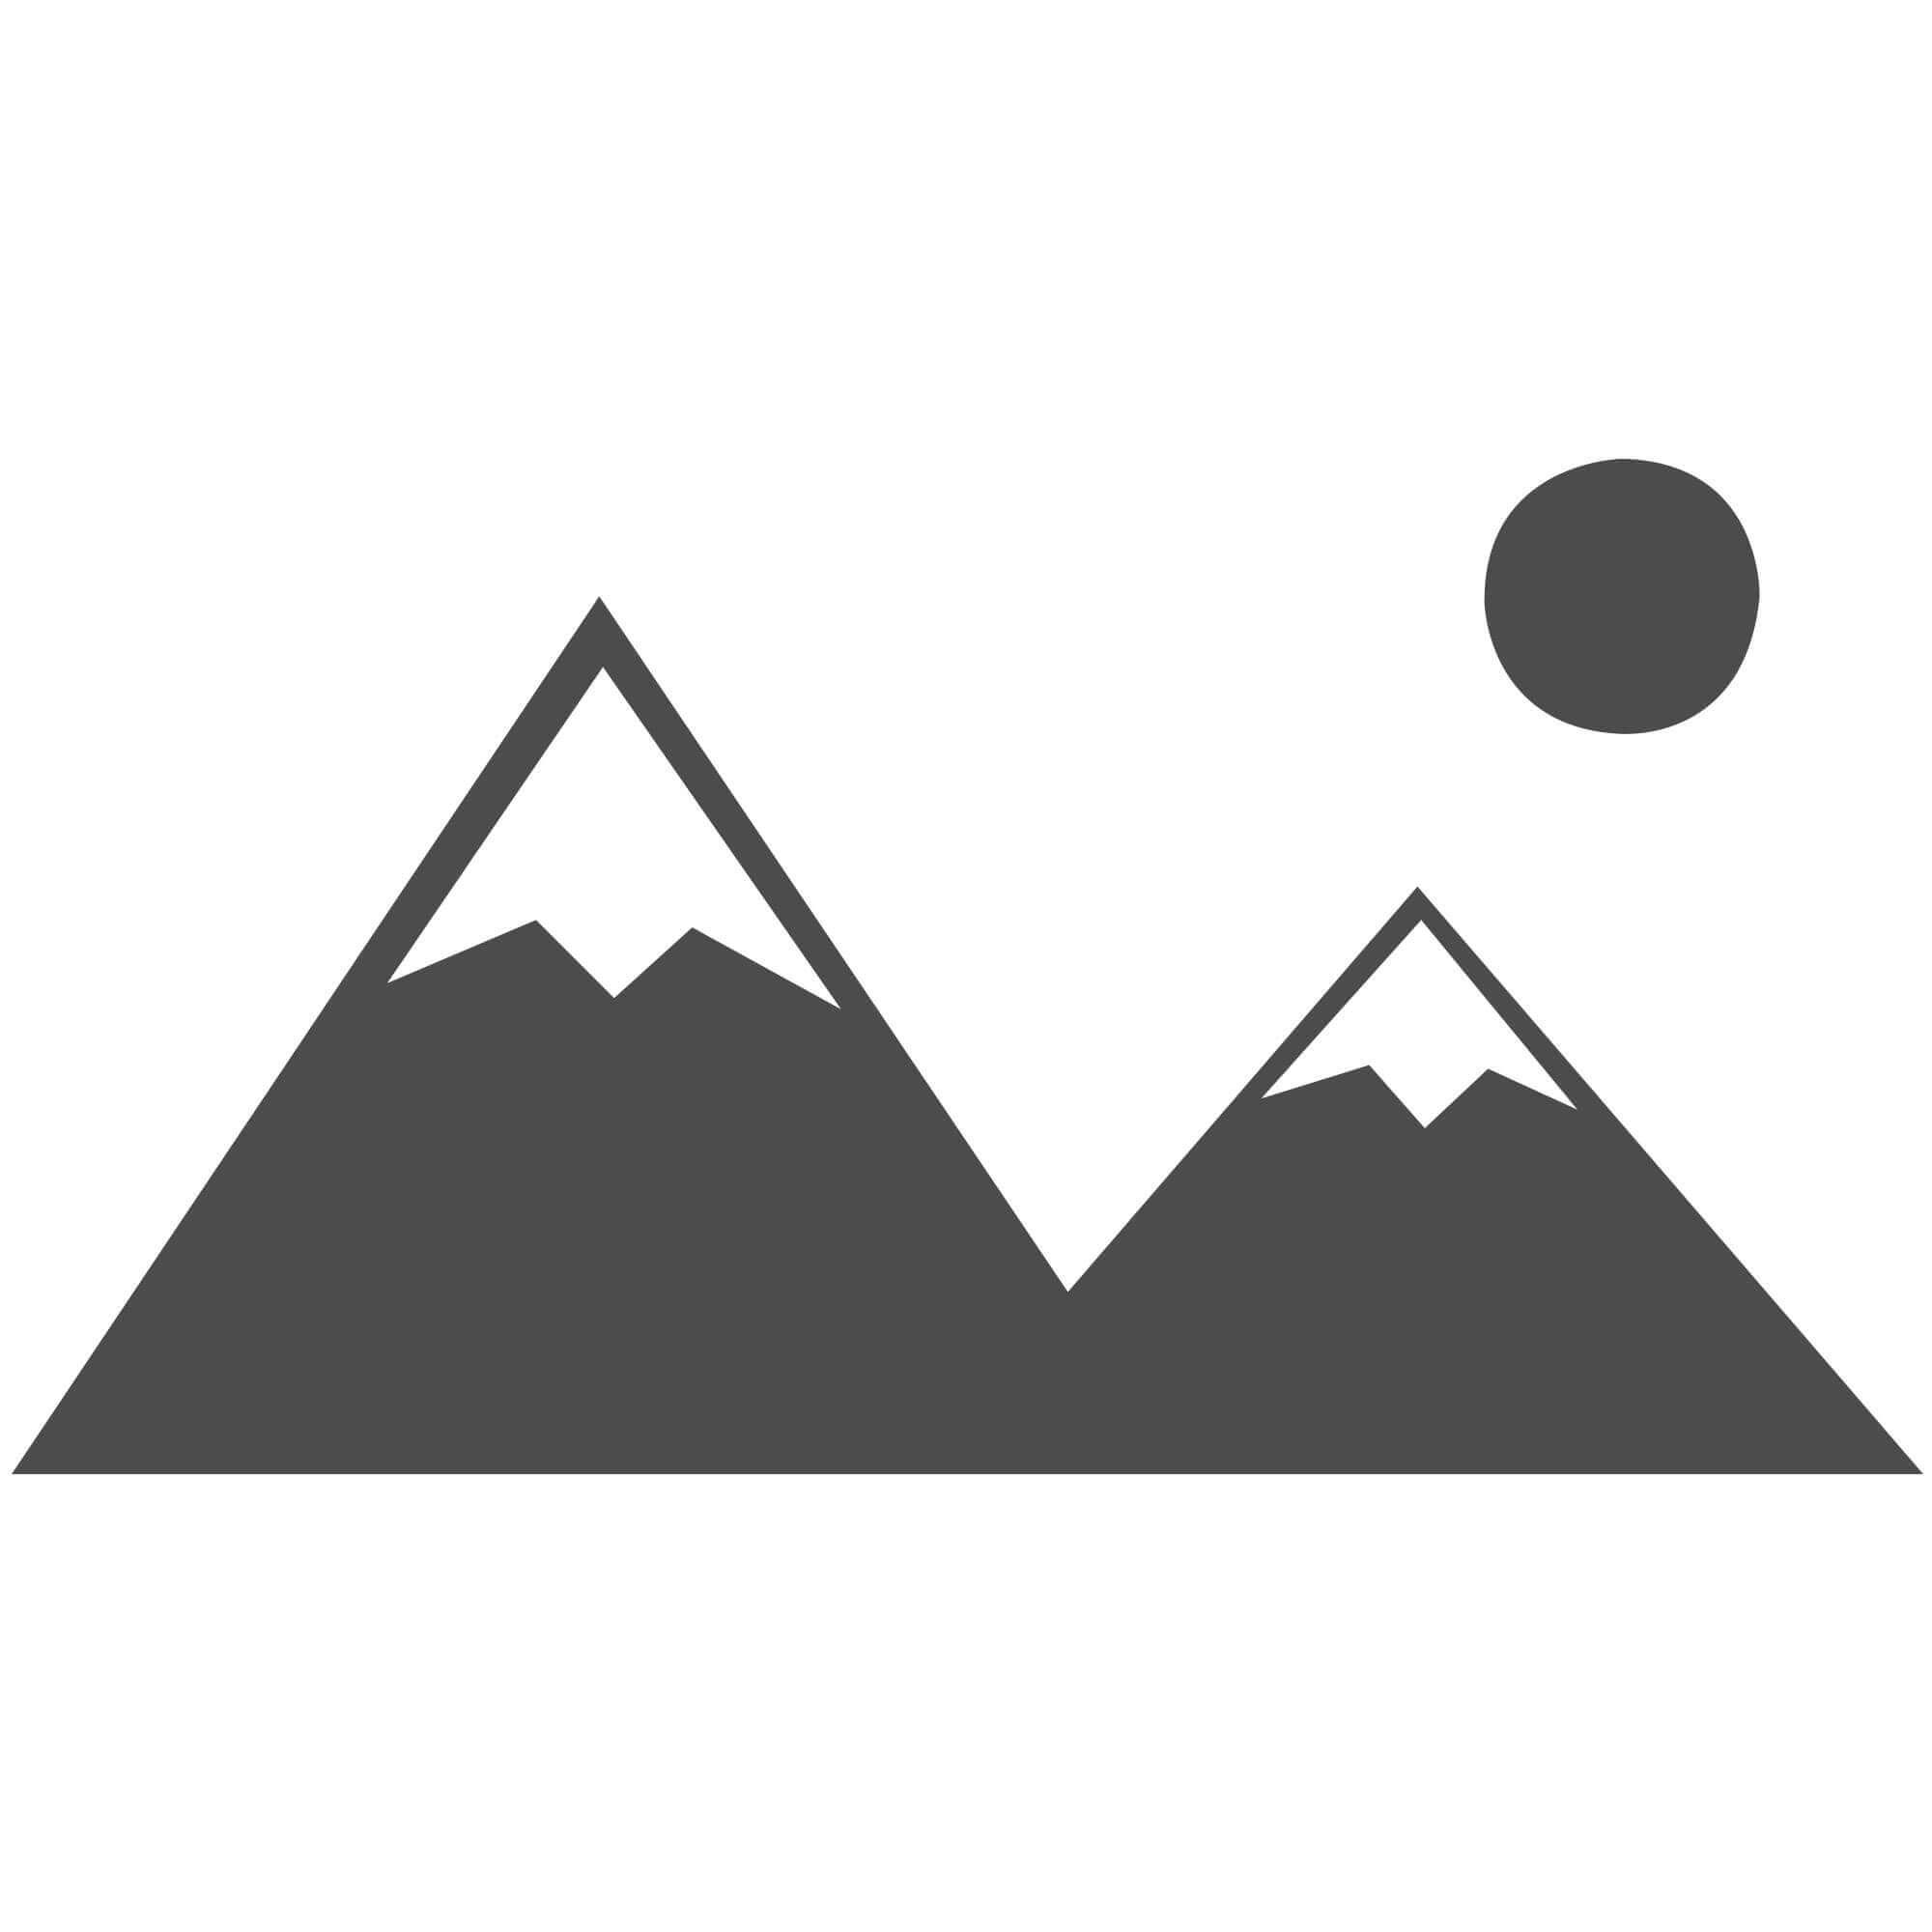 """Galleria Rug - Squares 79244 4848 - Size 133 x 195 cm (4'4"""" x 6'5"""")"""